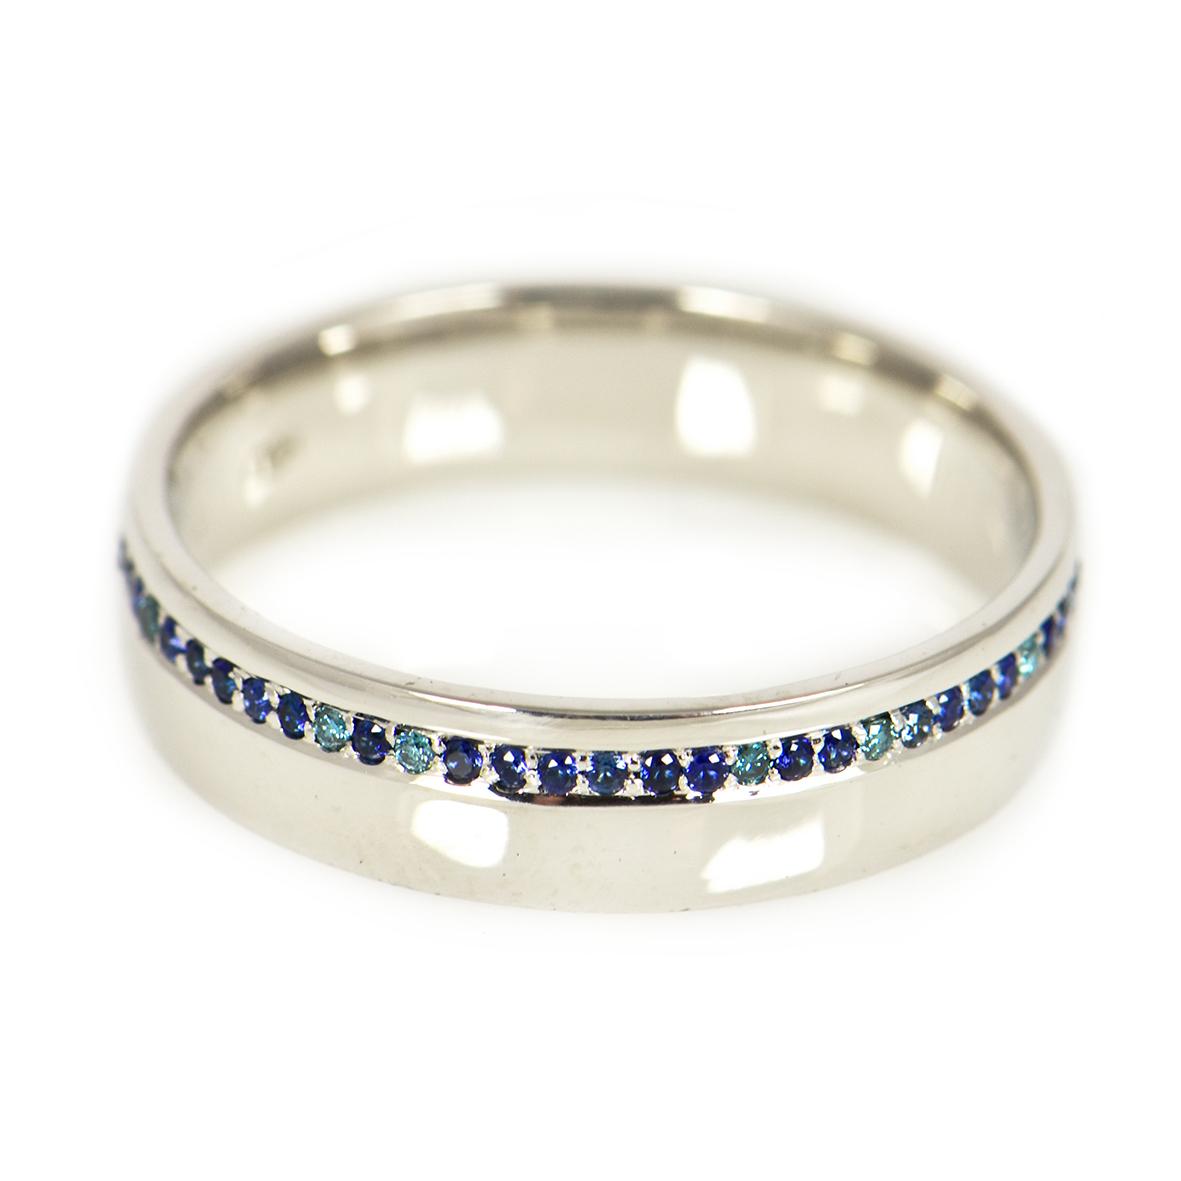 Rojewscy Biżuteria- obrączki z szafirami i niebieskimi diamentami